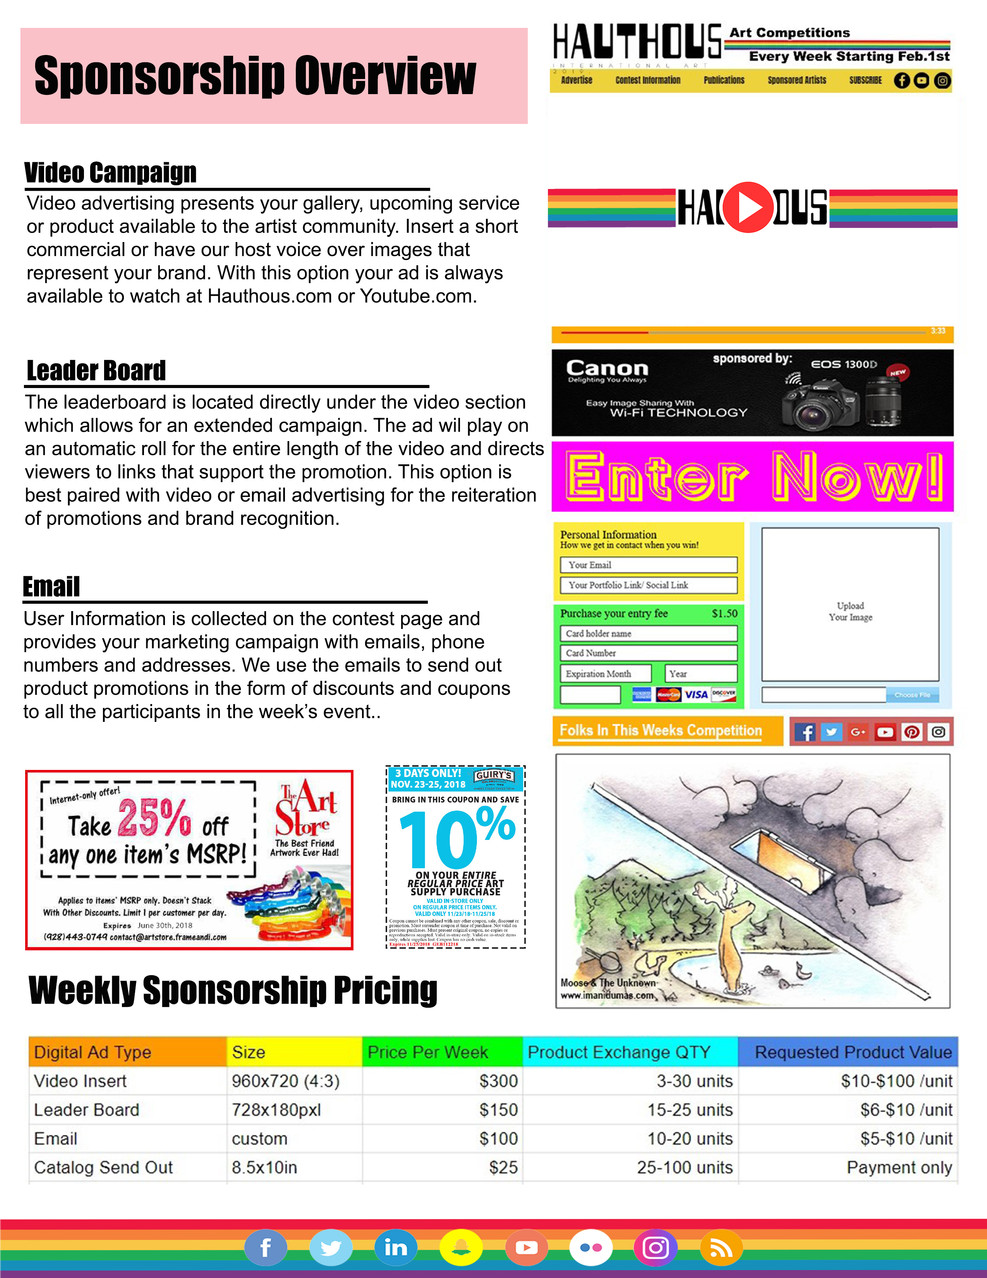 Sales Sheet_ Sponsorship Pricing.jpg